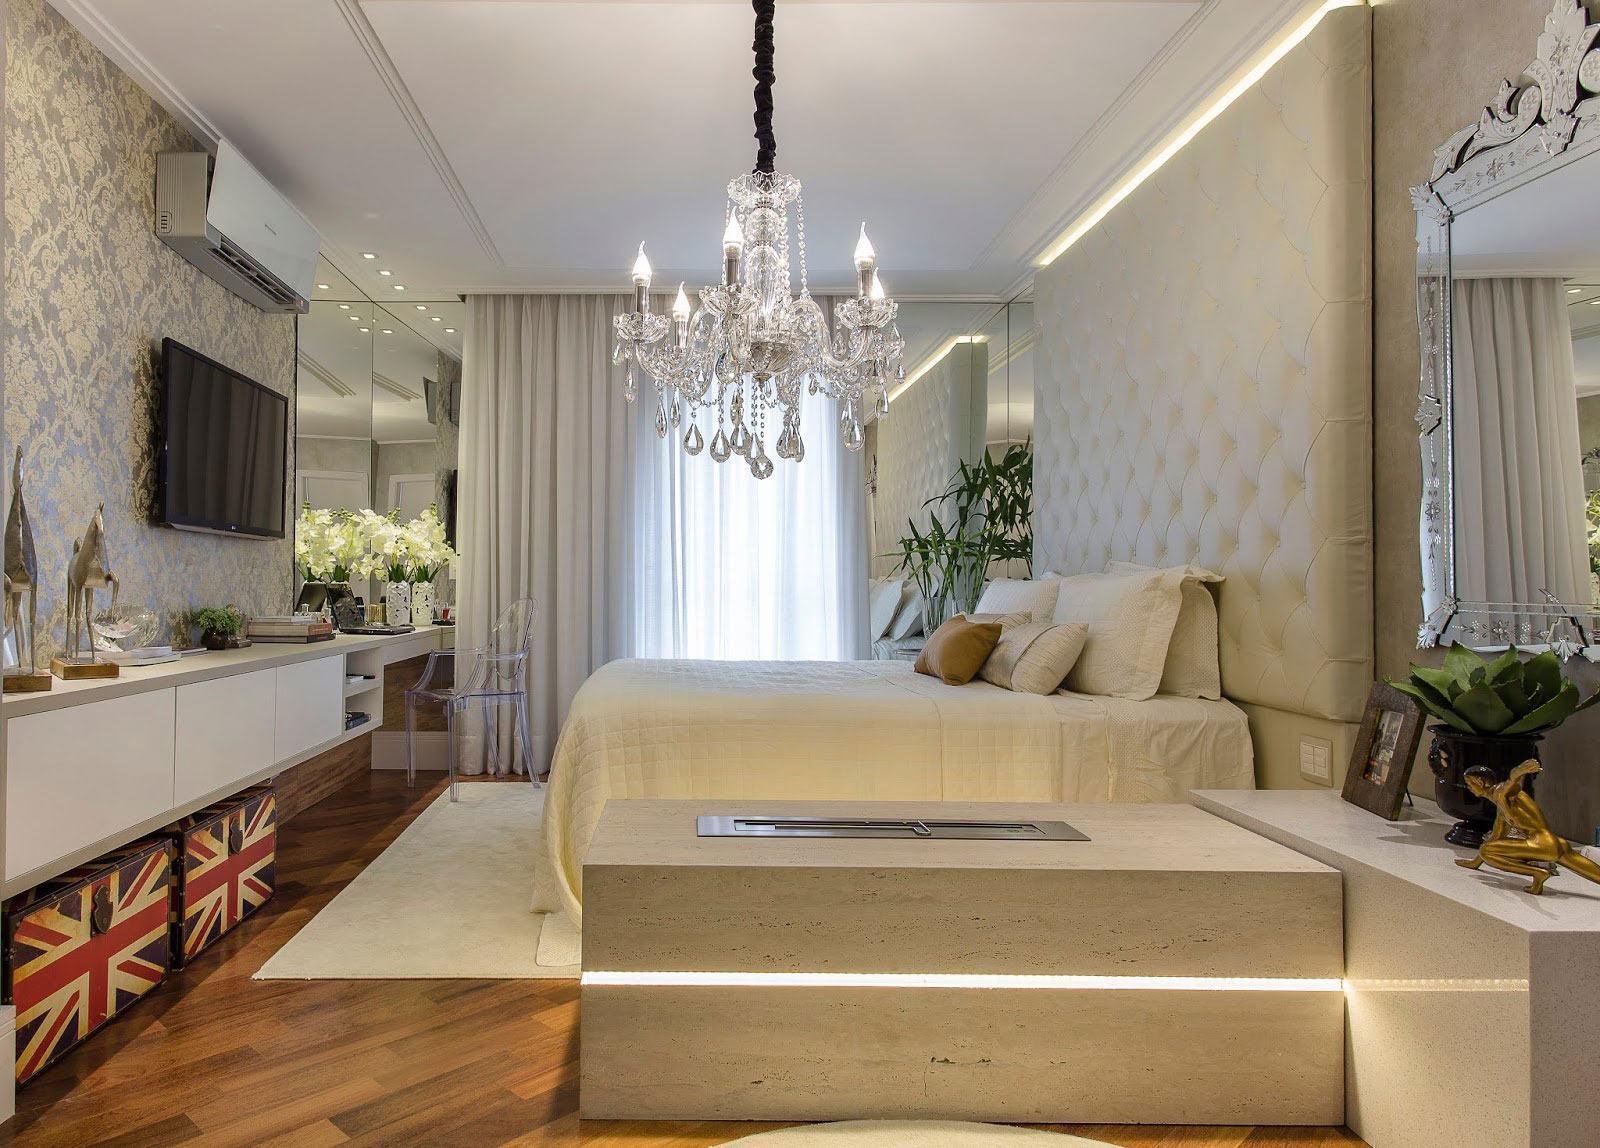 Люстры для спальни: 60 моделей в интерьере 36 | Дока-Мастер